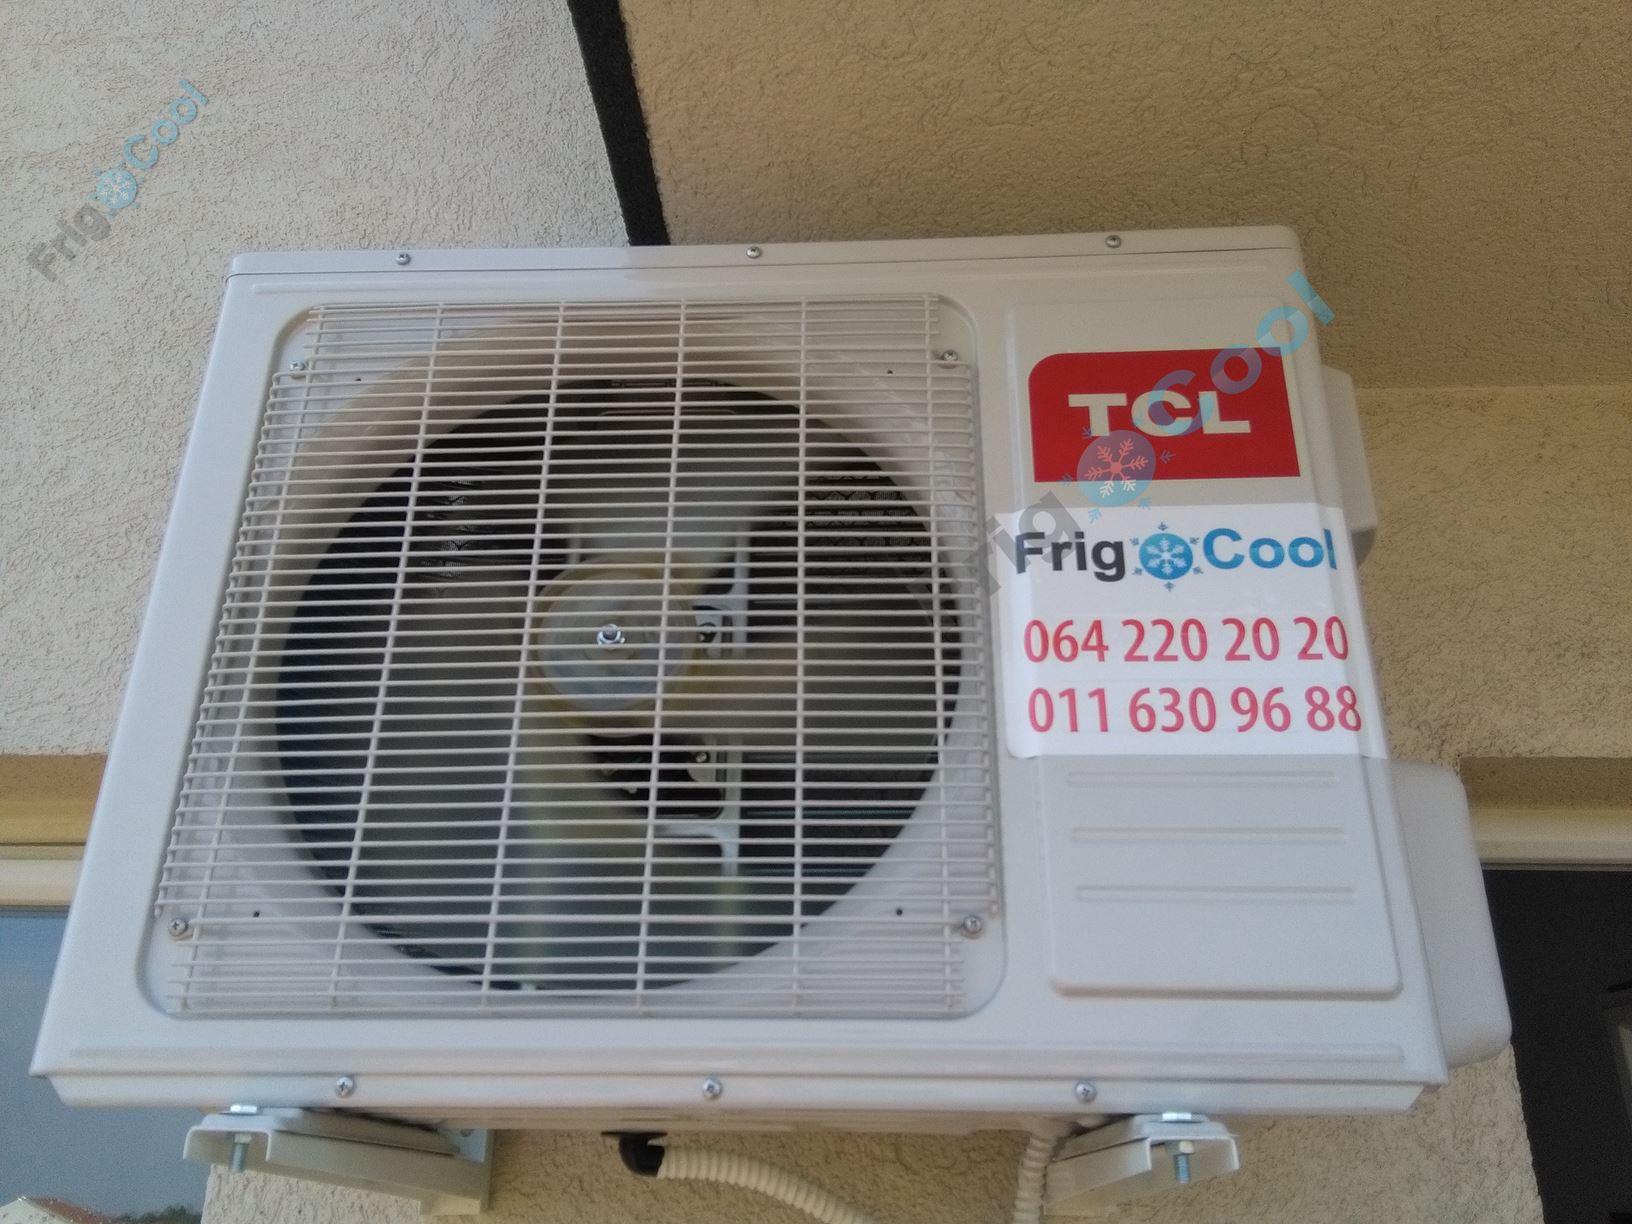 TCL klima uredjaj ugradnja